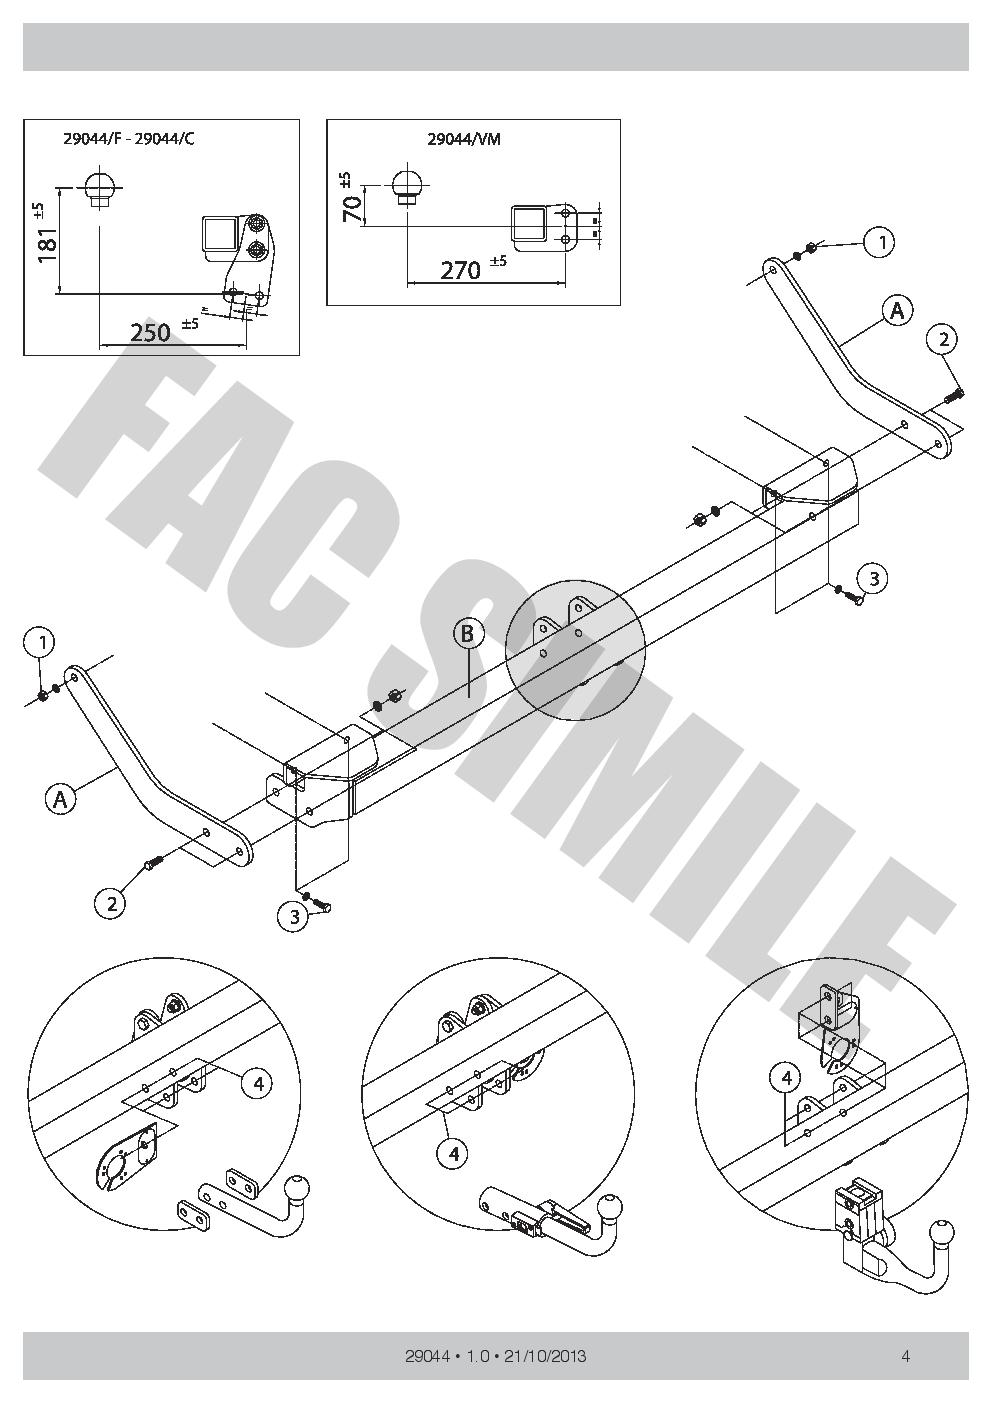 Detachable Towbar for Peugeot 308 Estate 1700 70 2007-2013 Quality 29044//C/_A1